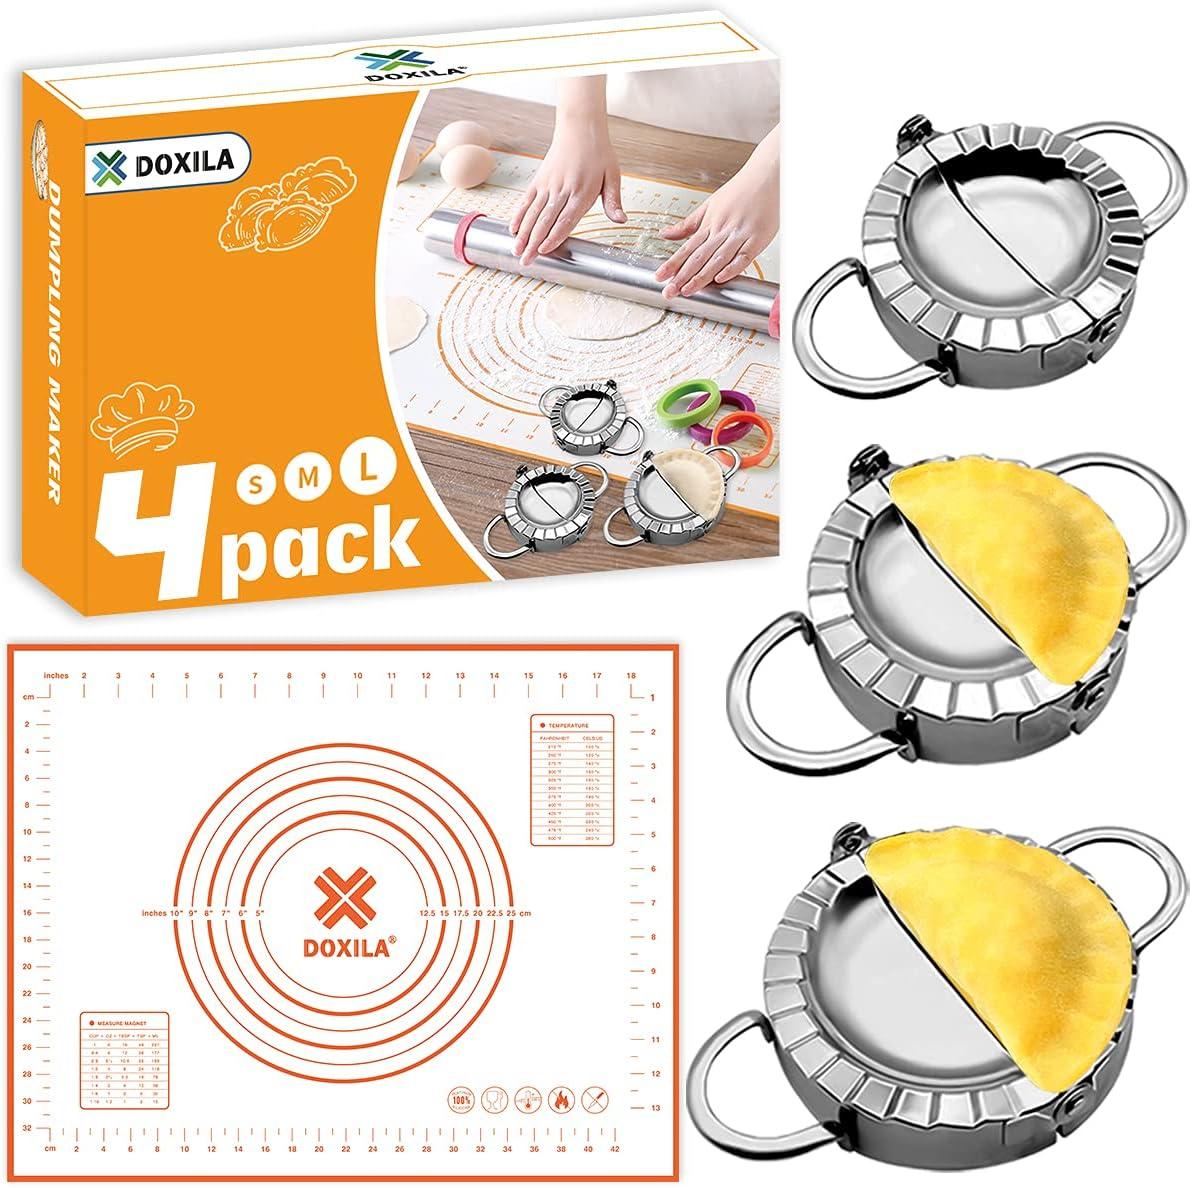 Empanada Maker Machine Cheap sale DOXILA 4 Press PCS Max 83% OFF of Sili with